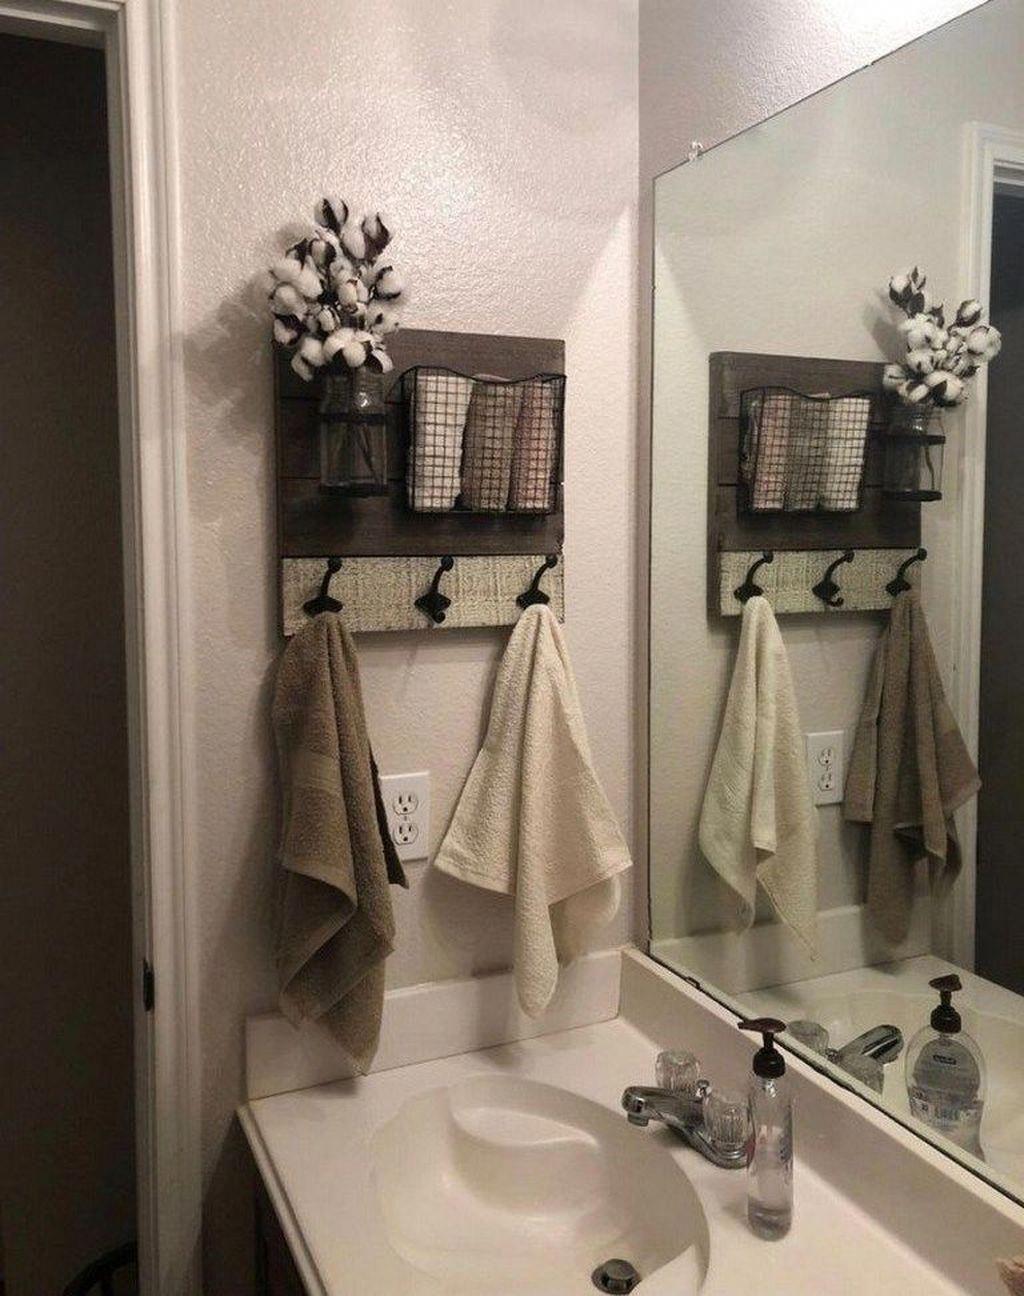 Bathroom Categories : Farmhouse. Decor. Bathroom. Beautiful. in 2020 | Small  bathroom storage, Diy bathroom storage, Small bathroom decor